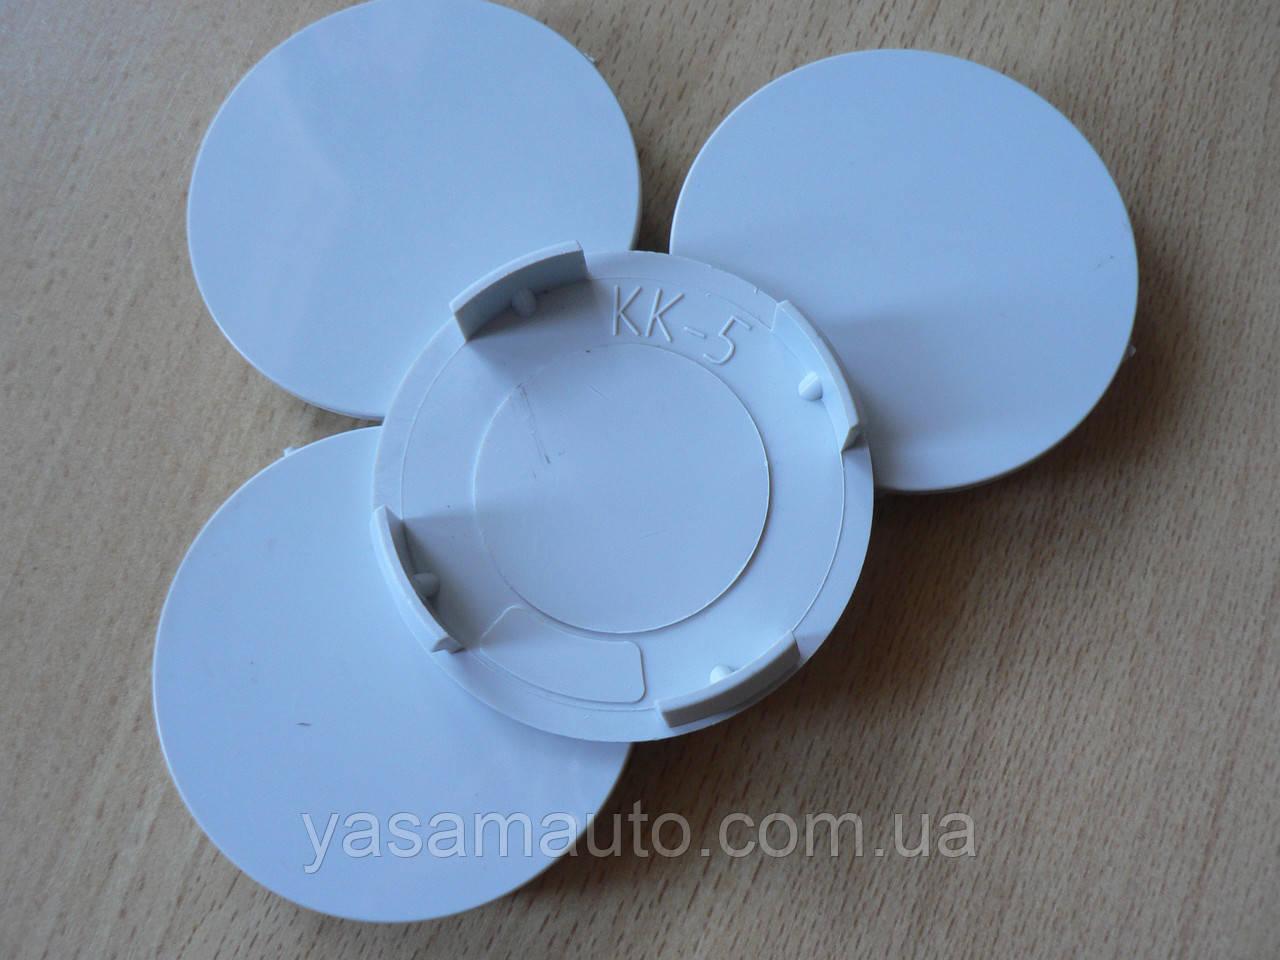 Колпачок серый  59,8/56,3/58,3мм 4шт вставка KK5 заглушка диаметры в на литой диск пластиковая 4 ножки №04